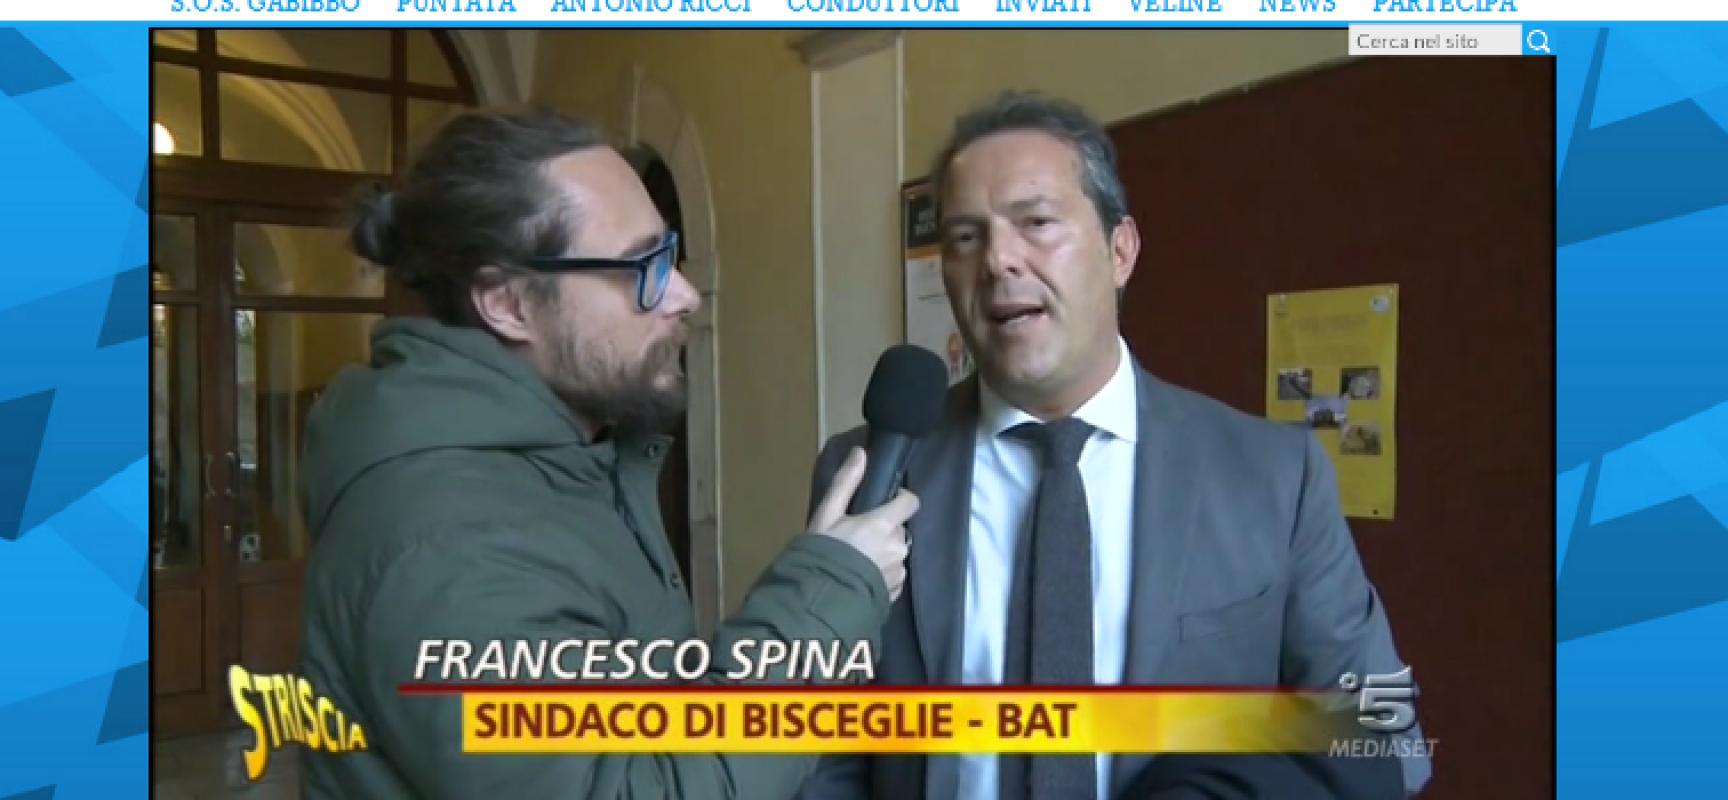 """Pinuccio di Striscia la Notizia da Spina, """"documento falso?"""" / AUDIO"""